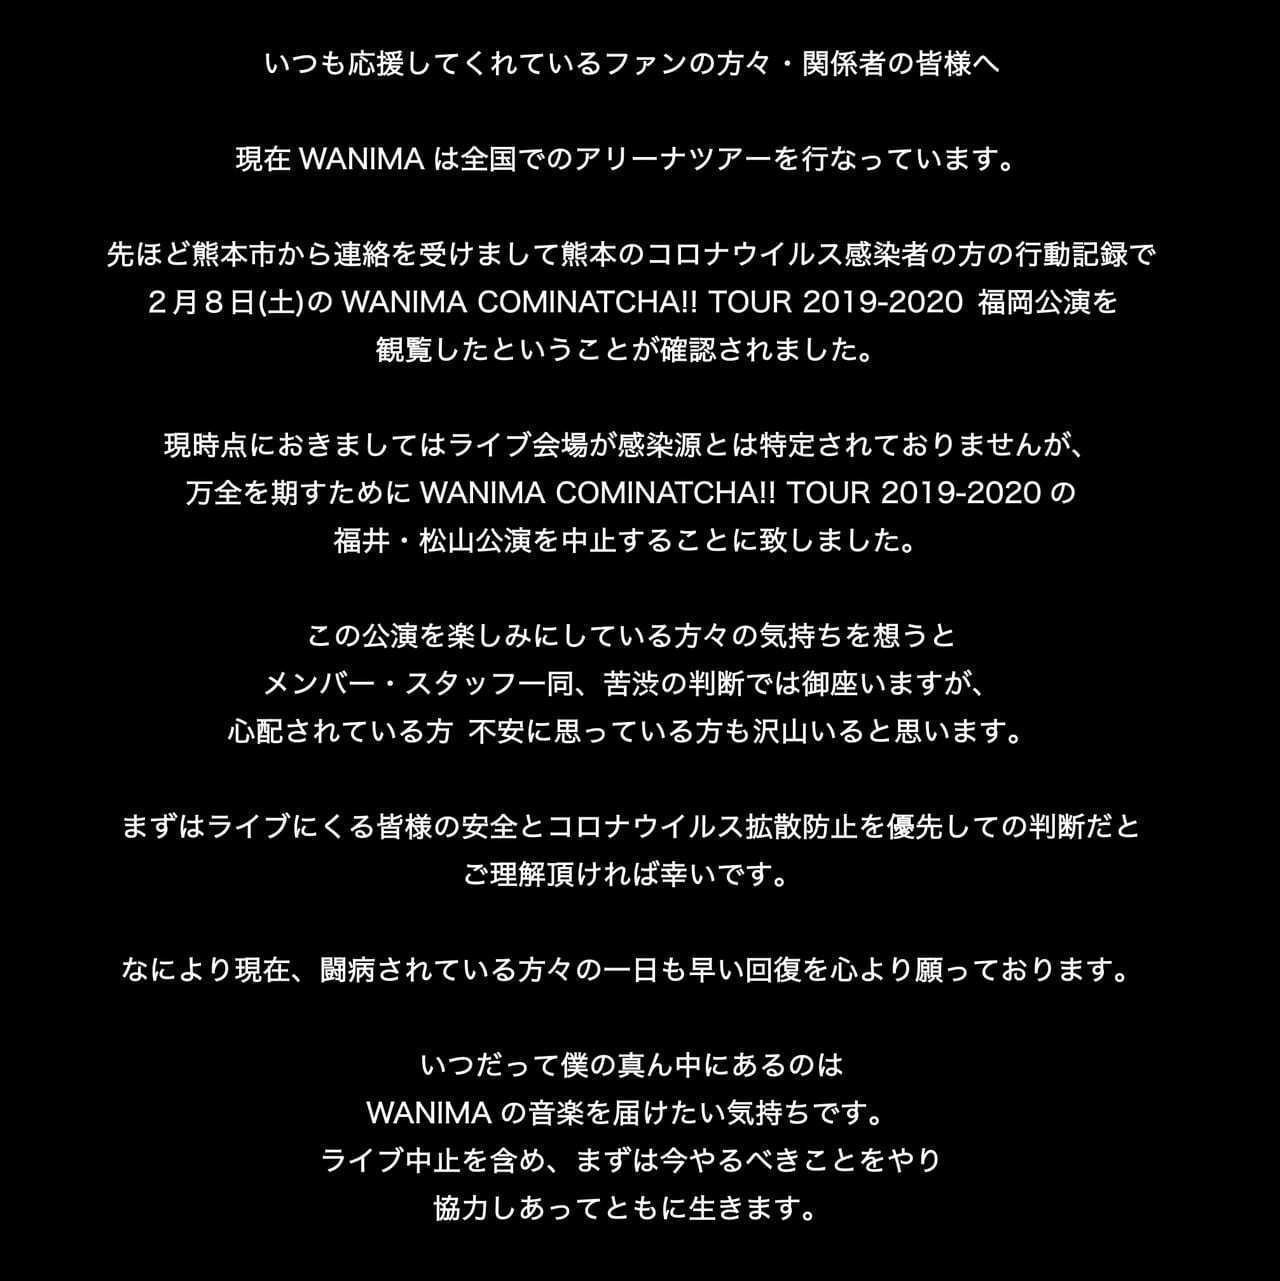 中止 コロナ ライブ